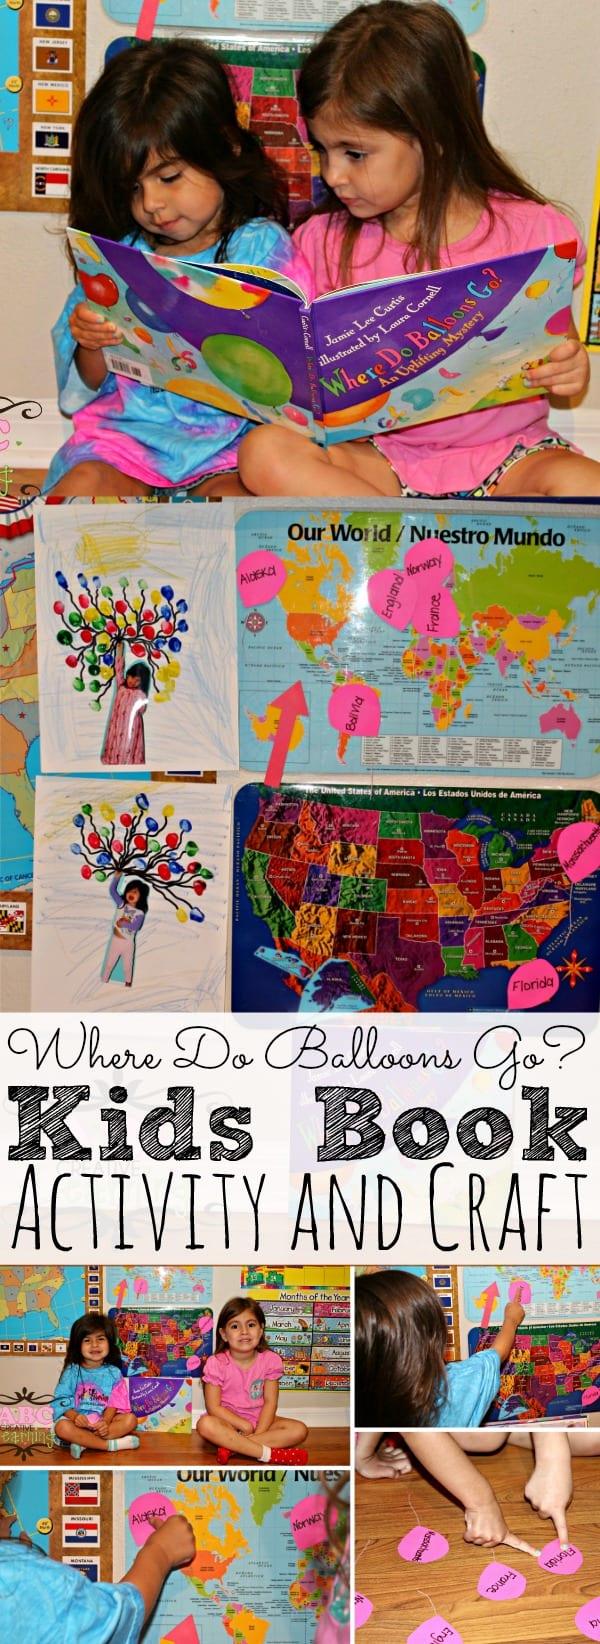 Where Do Balloons Go? Book Activity